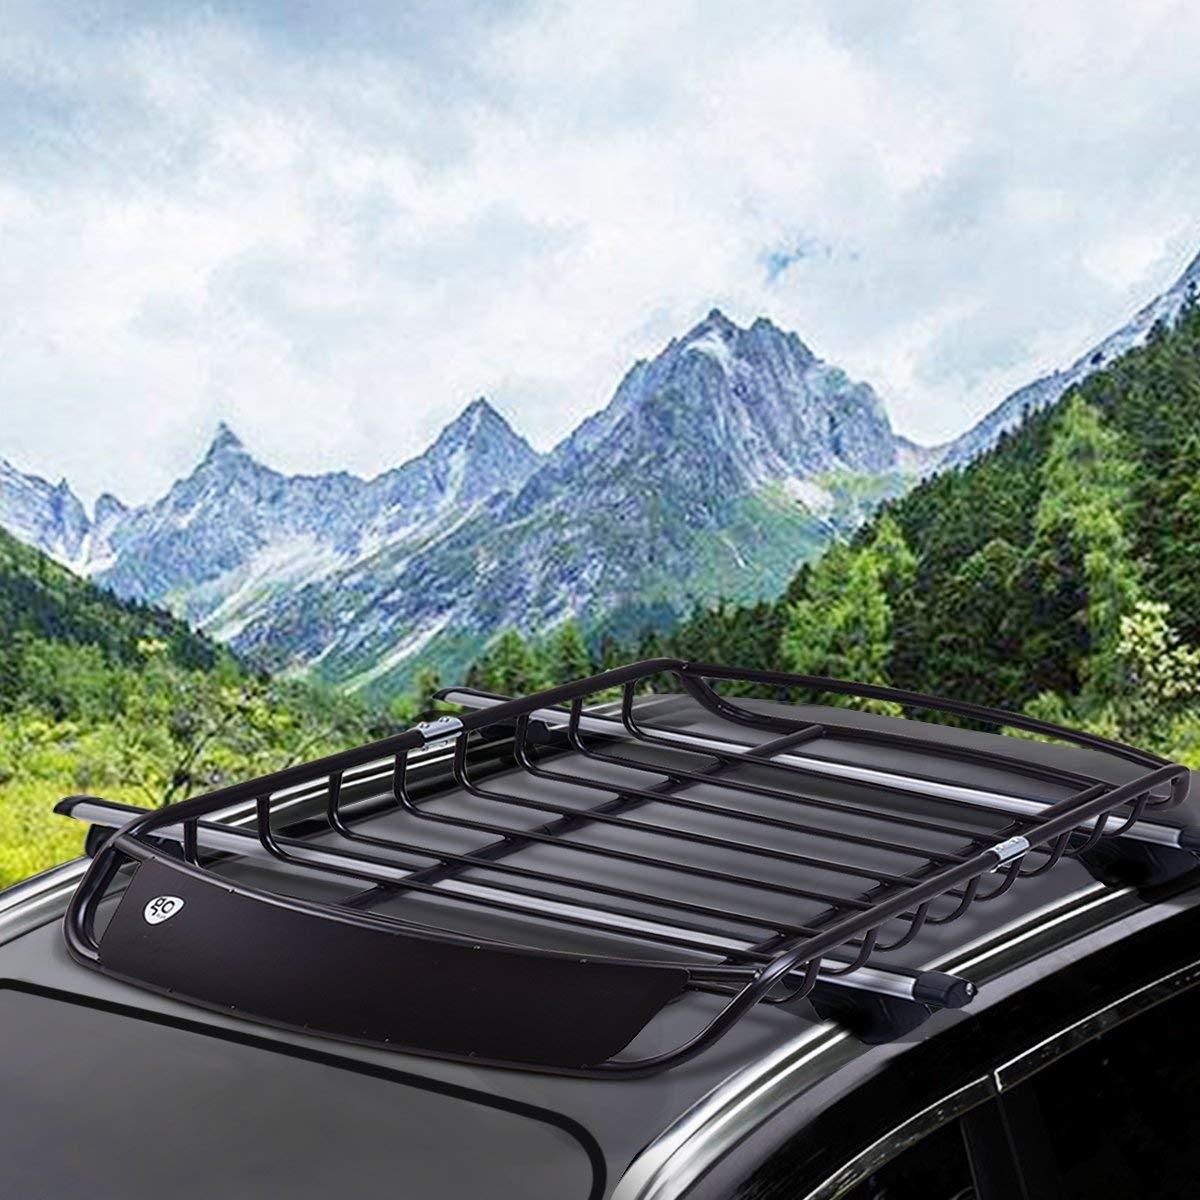 Baca de Coche Vehículo Metal Universal Portaequipajes Techo de Automóvil para Transporte 120 x 98 x 17 cm  Negro